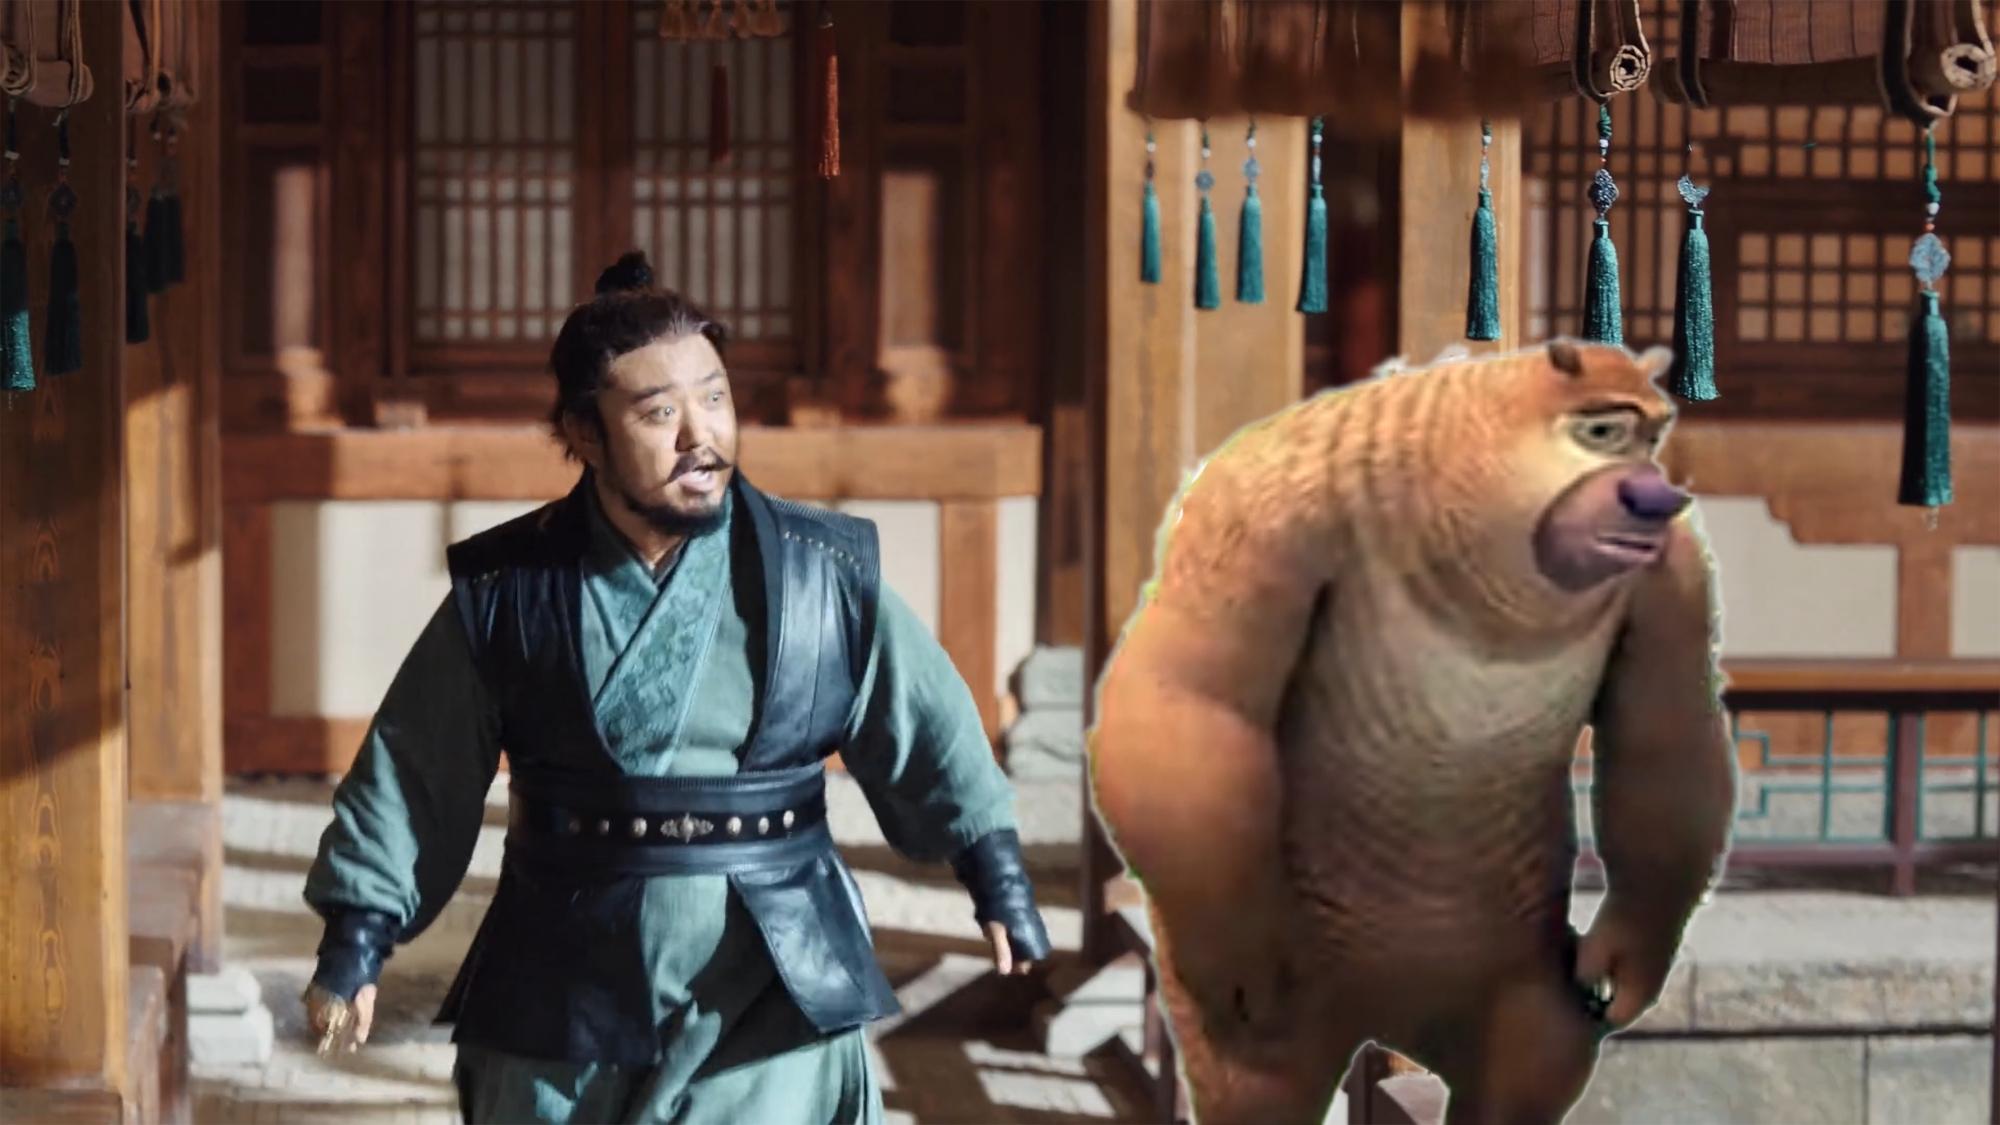 《赘婿》演员撞脸动漫角色,郭麒麟和皮杰神相似,吉吉国王最像